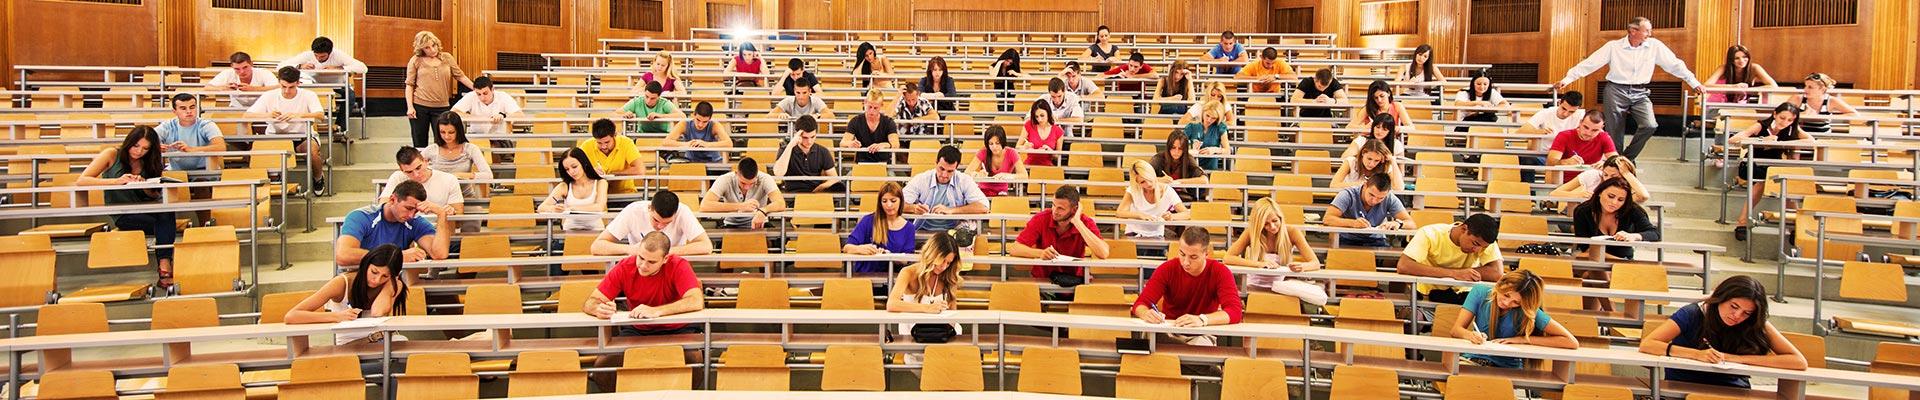 Lisansüstü Eğitim Enstitüsü